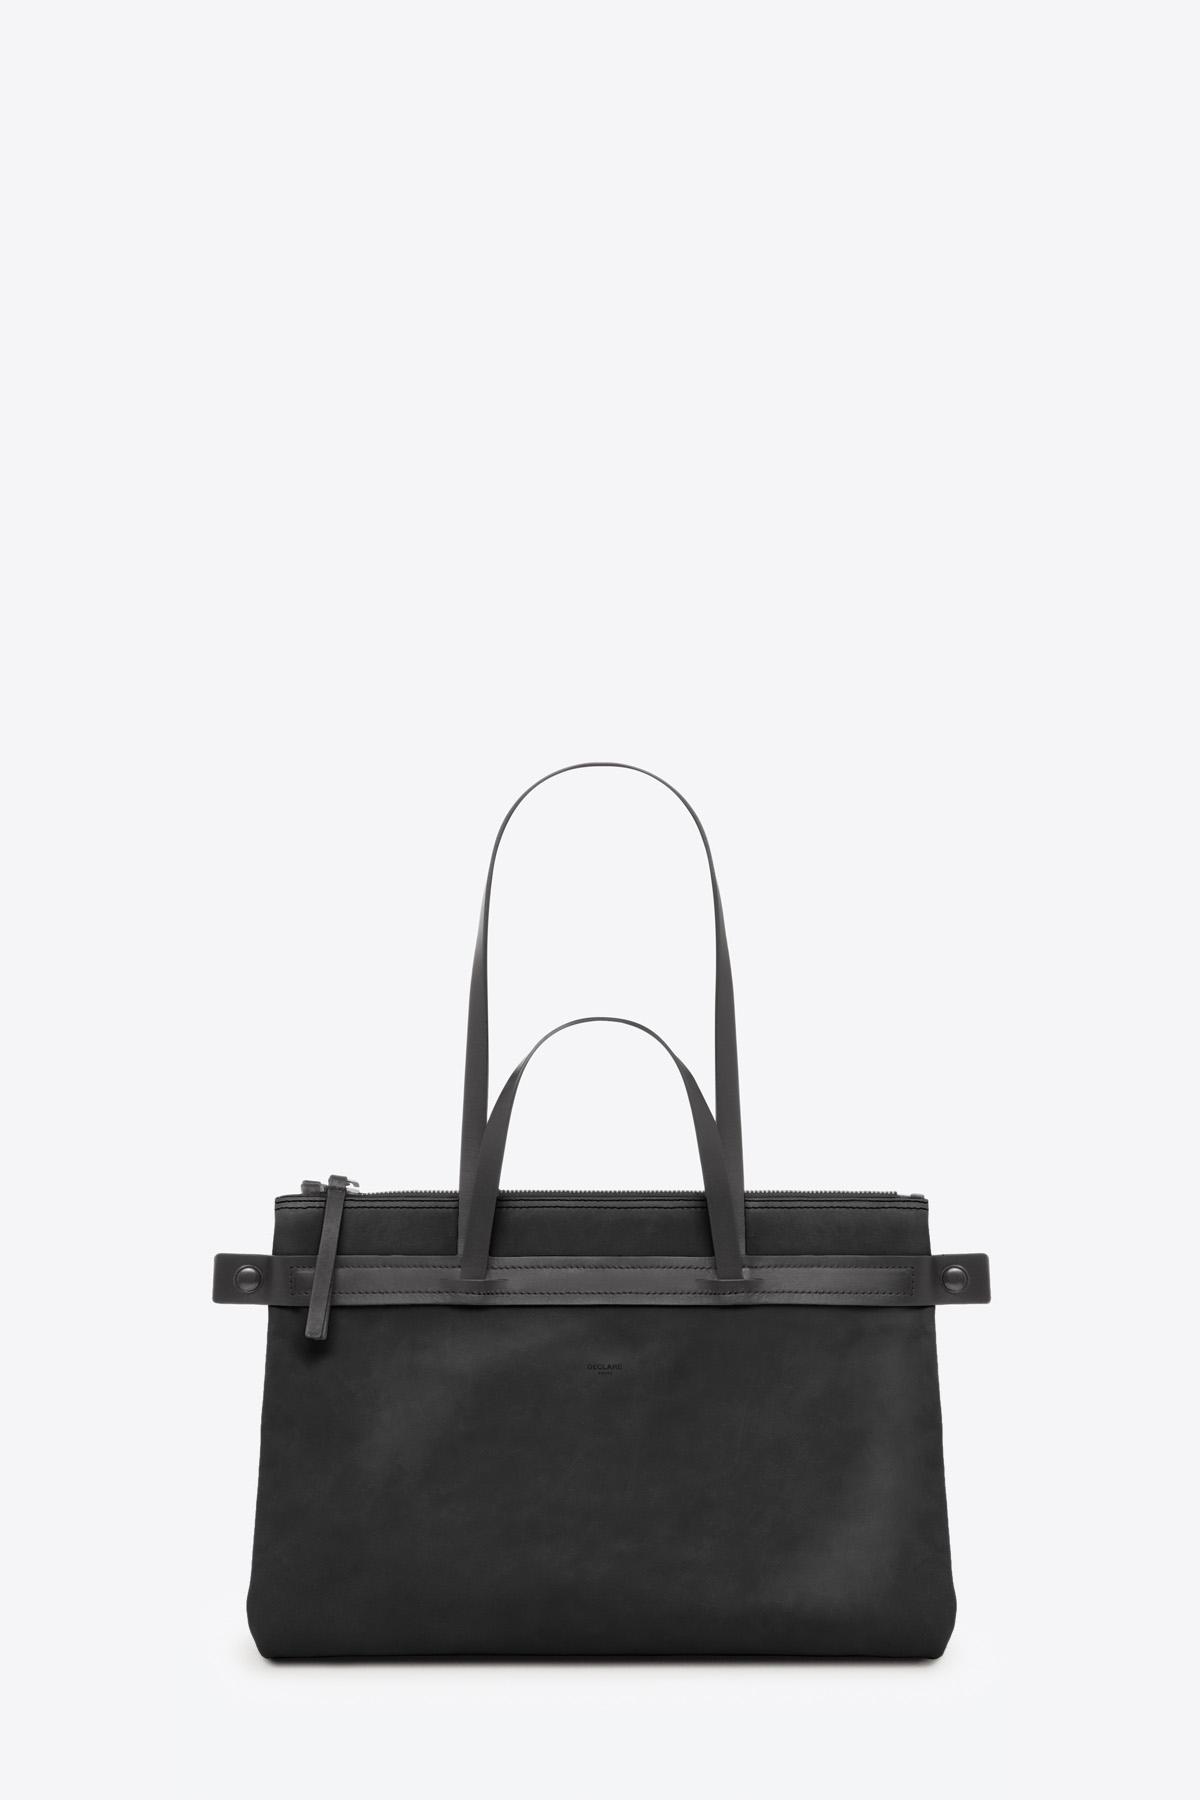 dclr007s-tote-a1-black-front